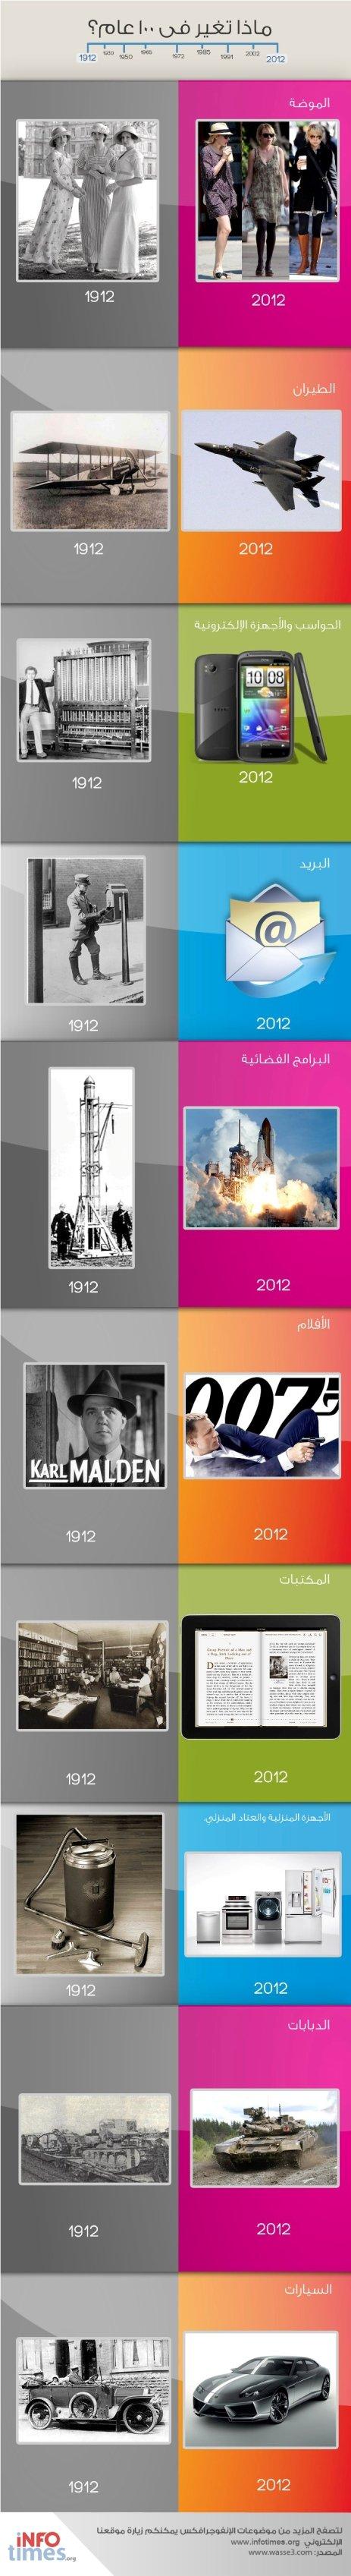 ماذا تغير في العالم على مدار 100 عام؟ #انفوجرافيك #معلومات